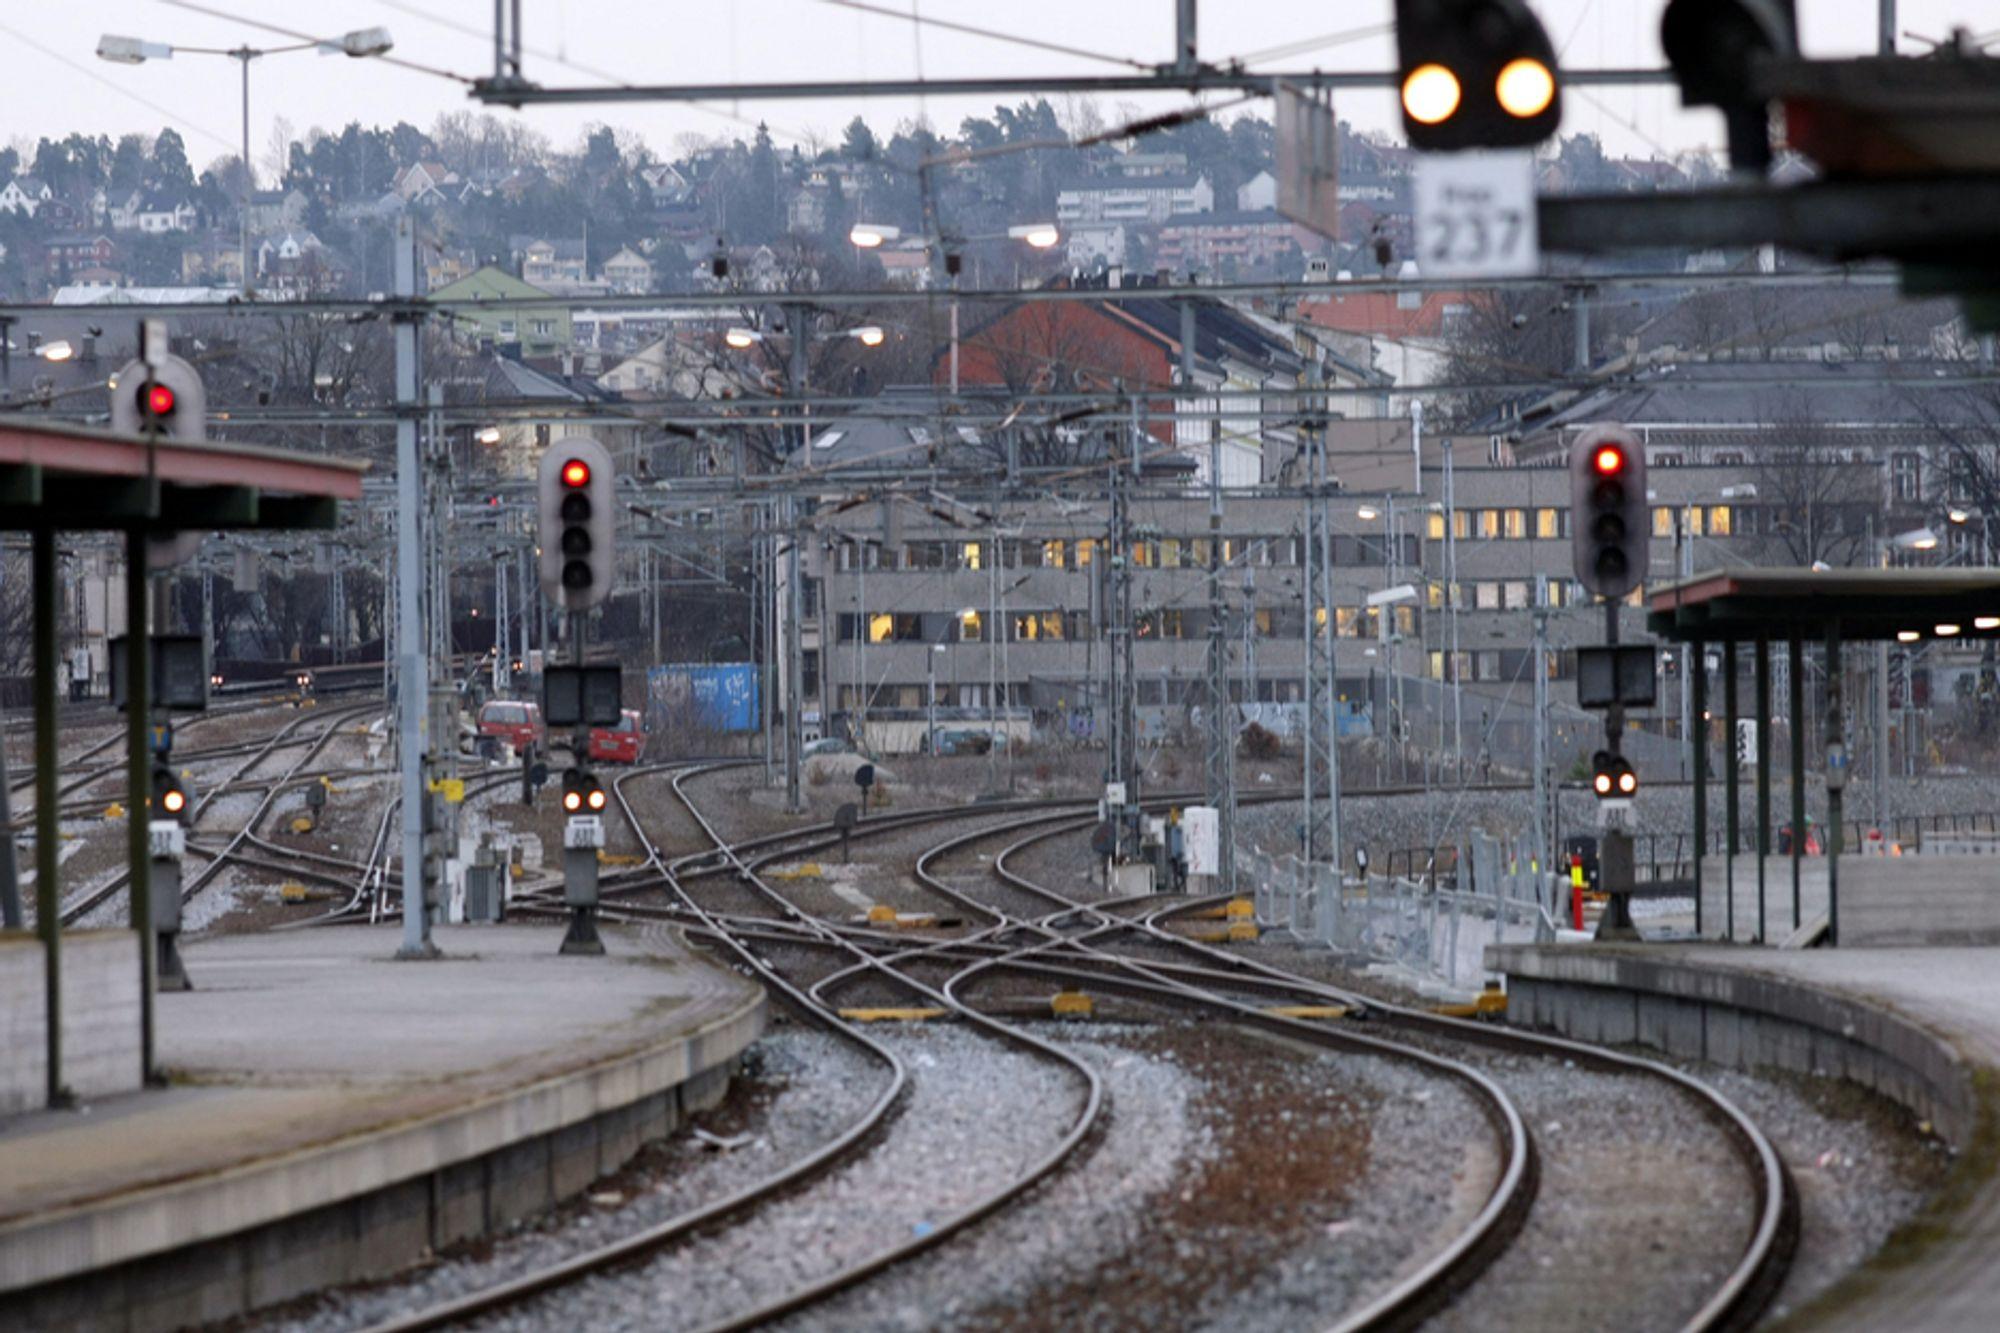 Jernbaneverket hevder det mangler jernbanekompetanse i Norge. - Ikke sant, mener en samlet bransje.